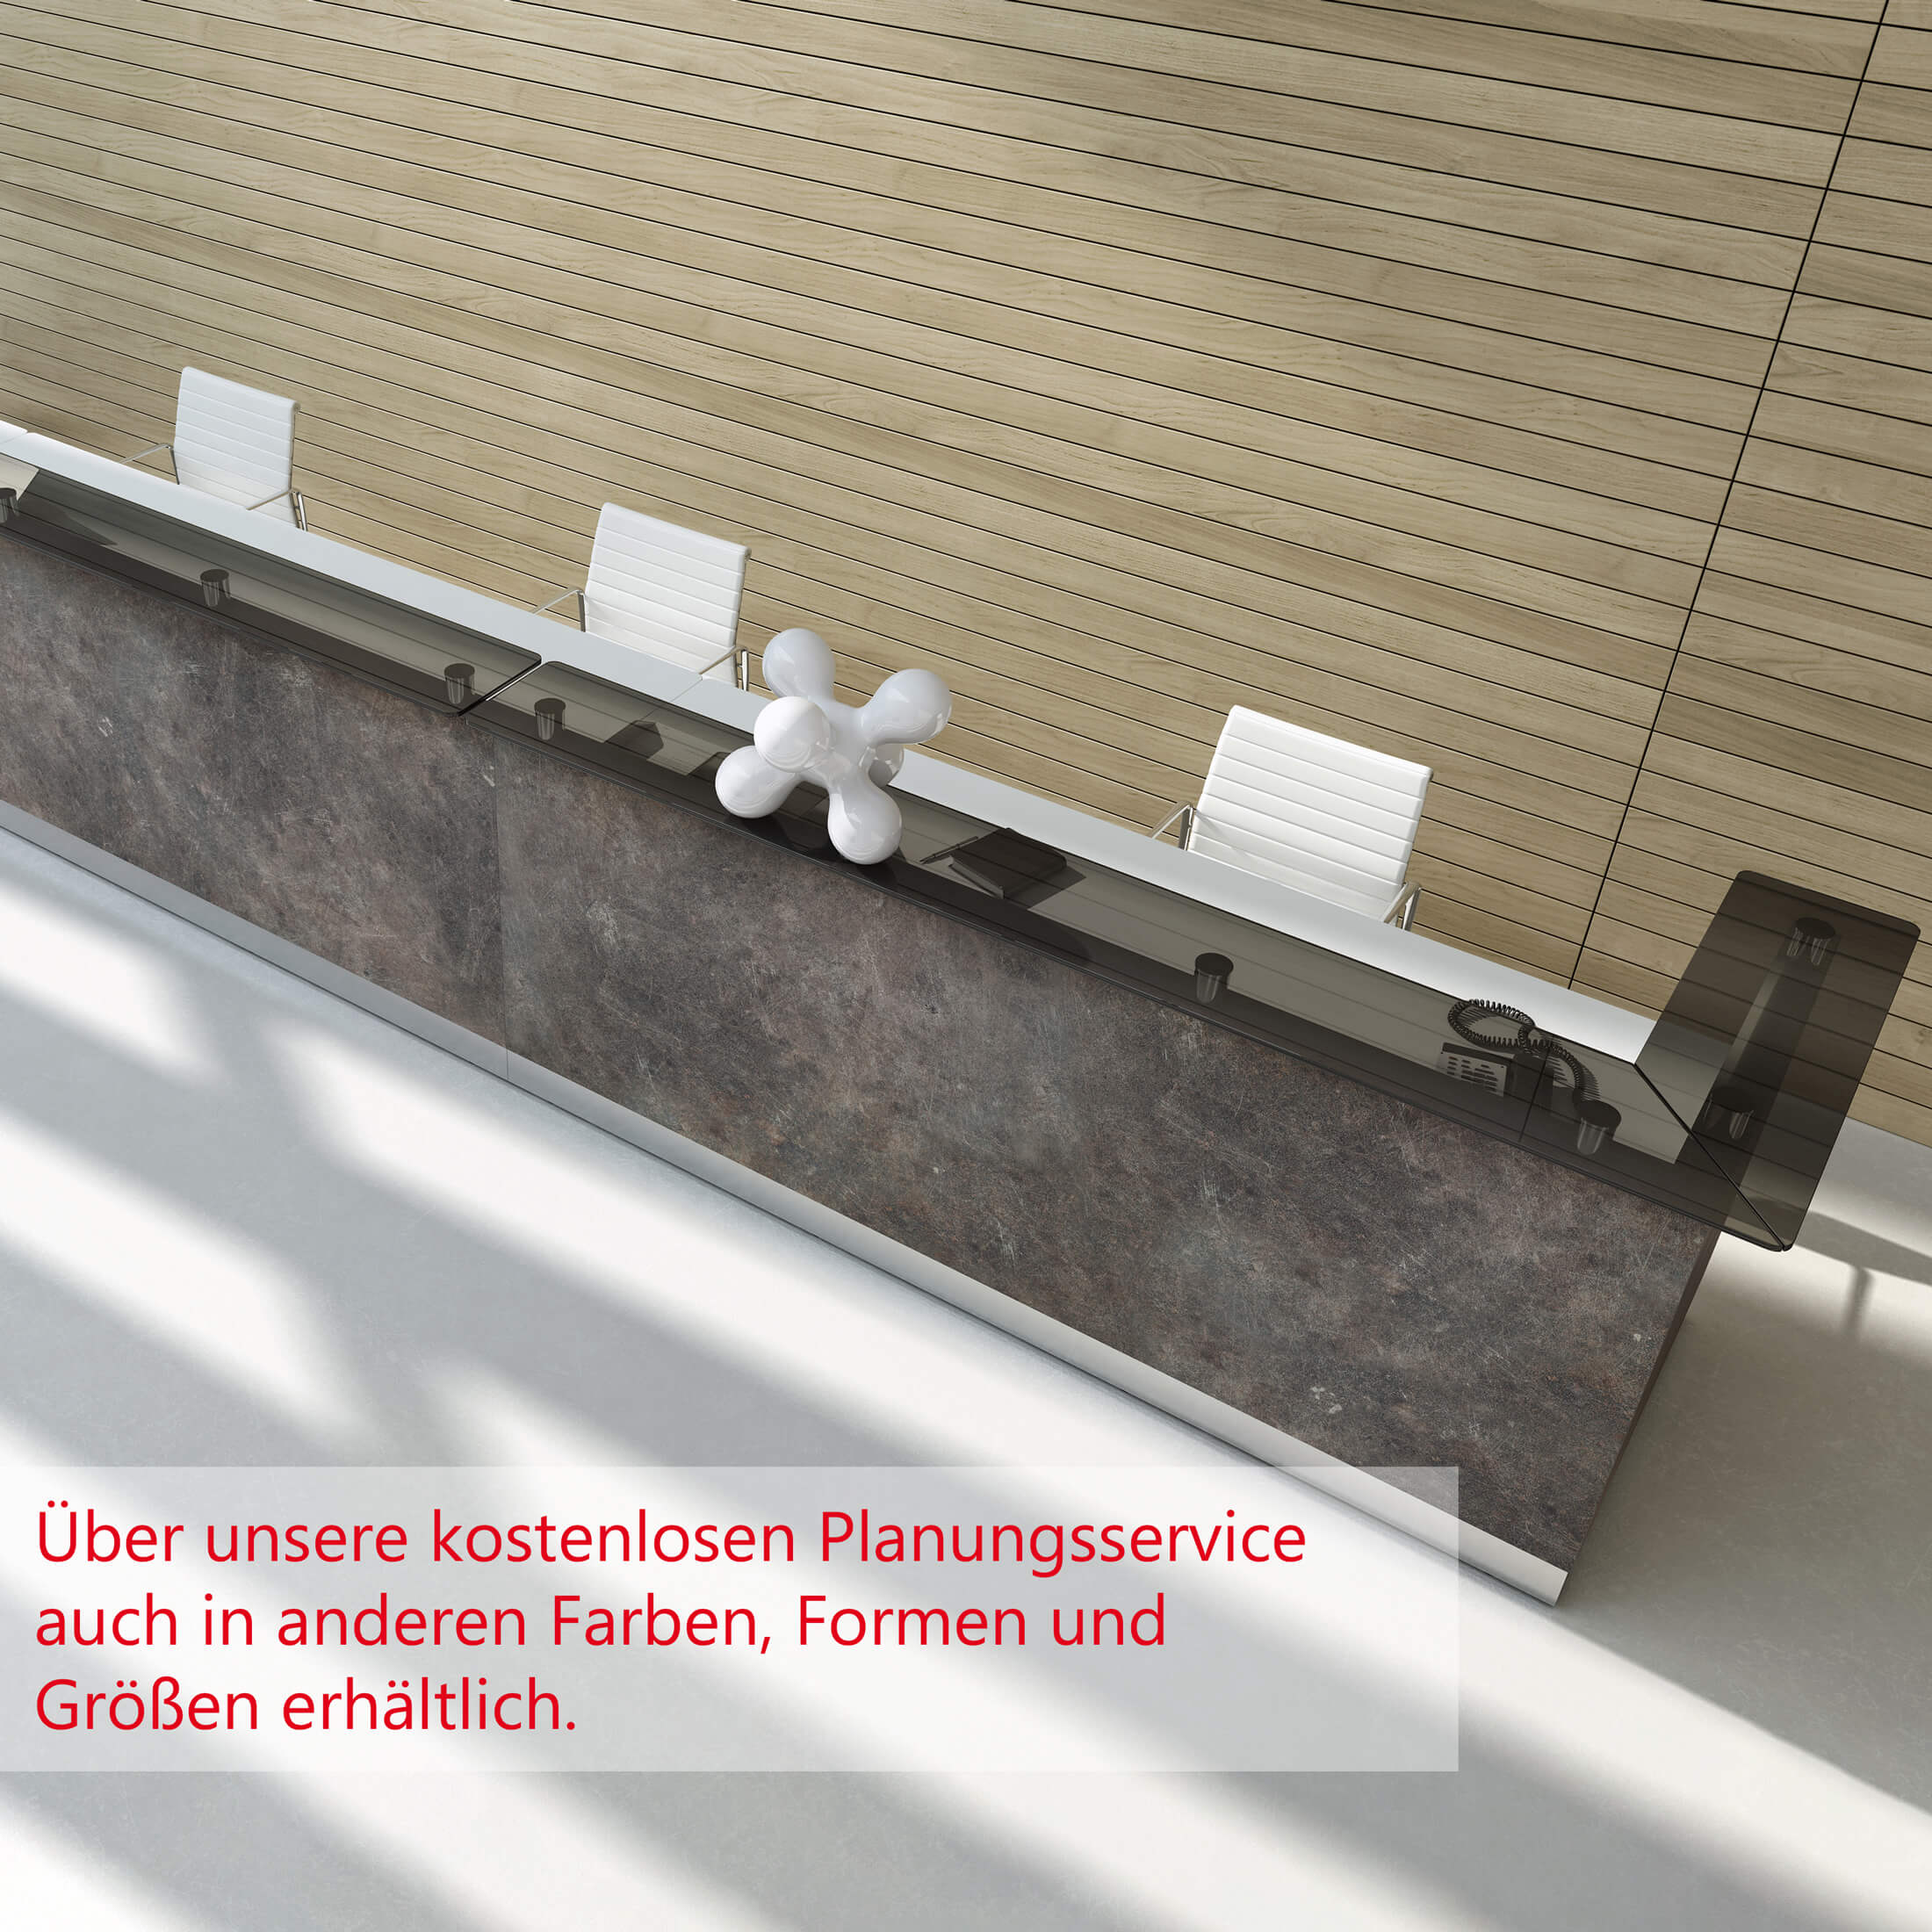 Empfangstheke Theke Rezeption Arzttheke Lieferung & Montage kostenlos SEVILLA